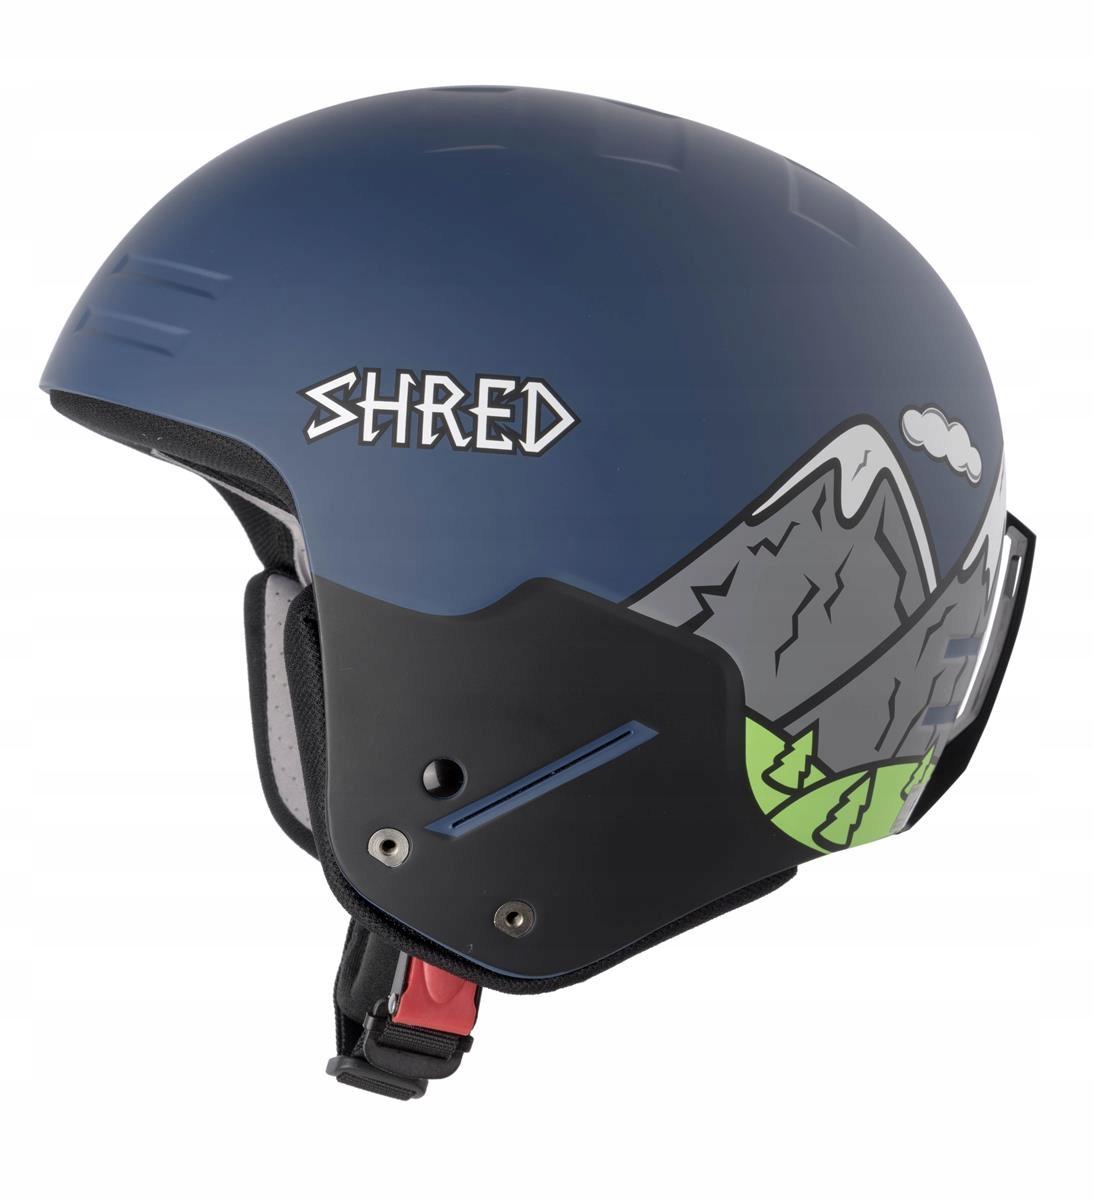 Kaski narciarskie Shred Basher Noshock Needmoresno - 7672694033 ... b43cc6f80ec